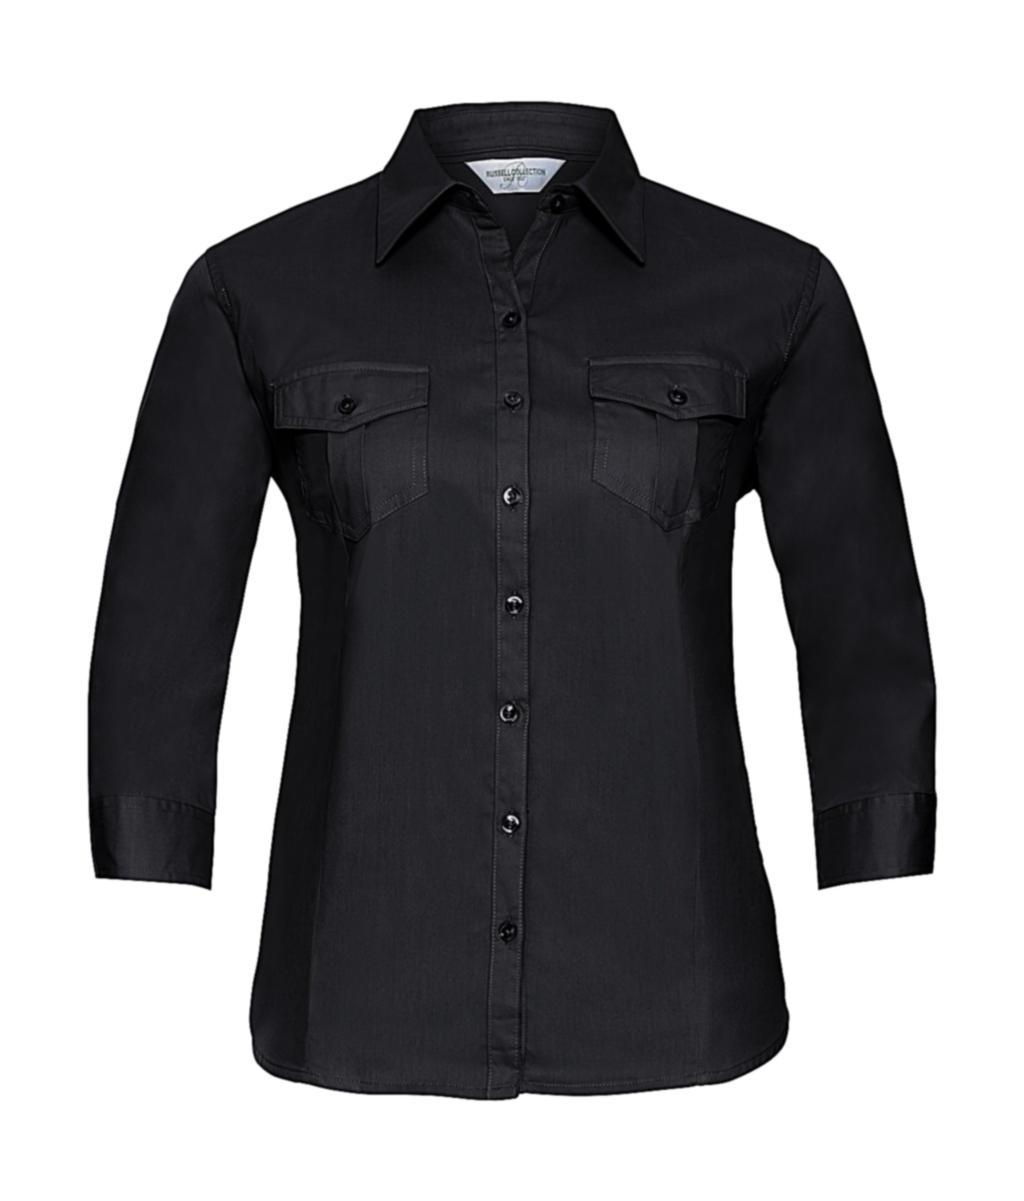 Dámská košile Roll Sleeve s 3/4 rukávy - zvìtšit obrázek